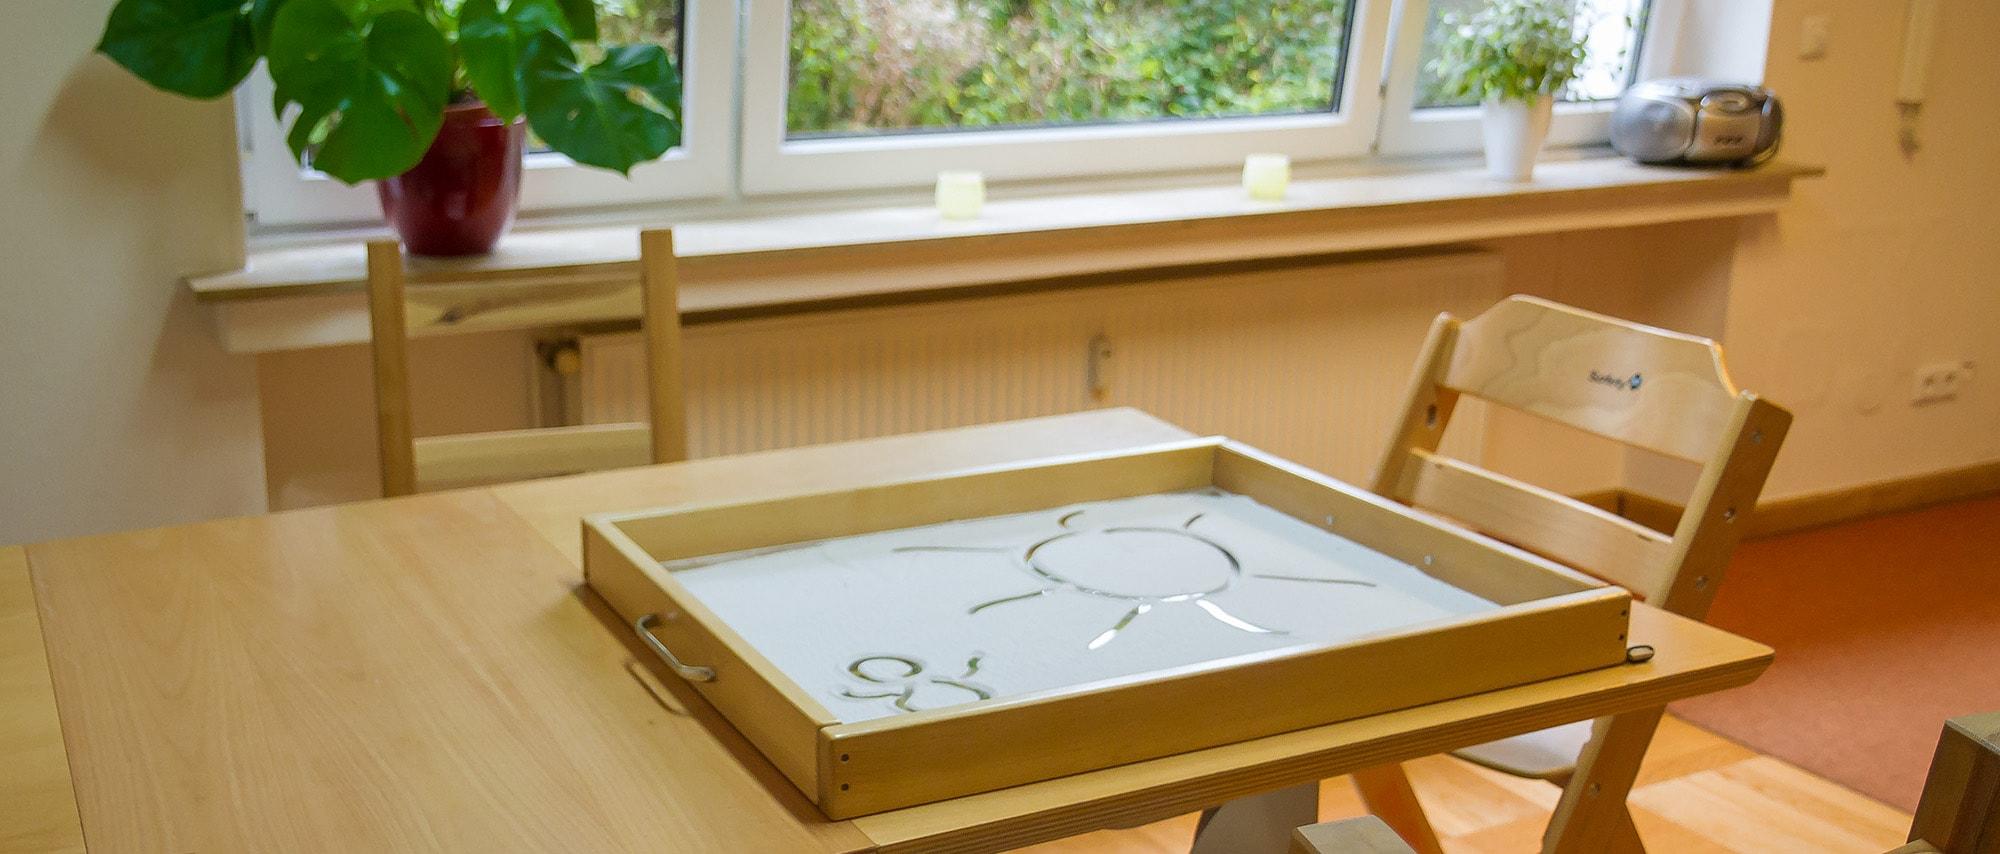 Praxis für Ergotherapie in Bochum - Susanne Bergendahl & Sylvia Nixdorf